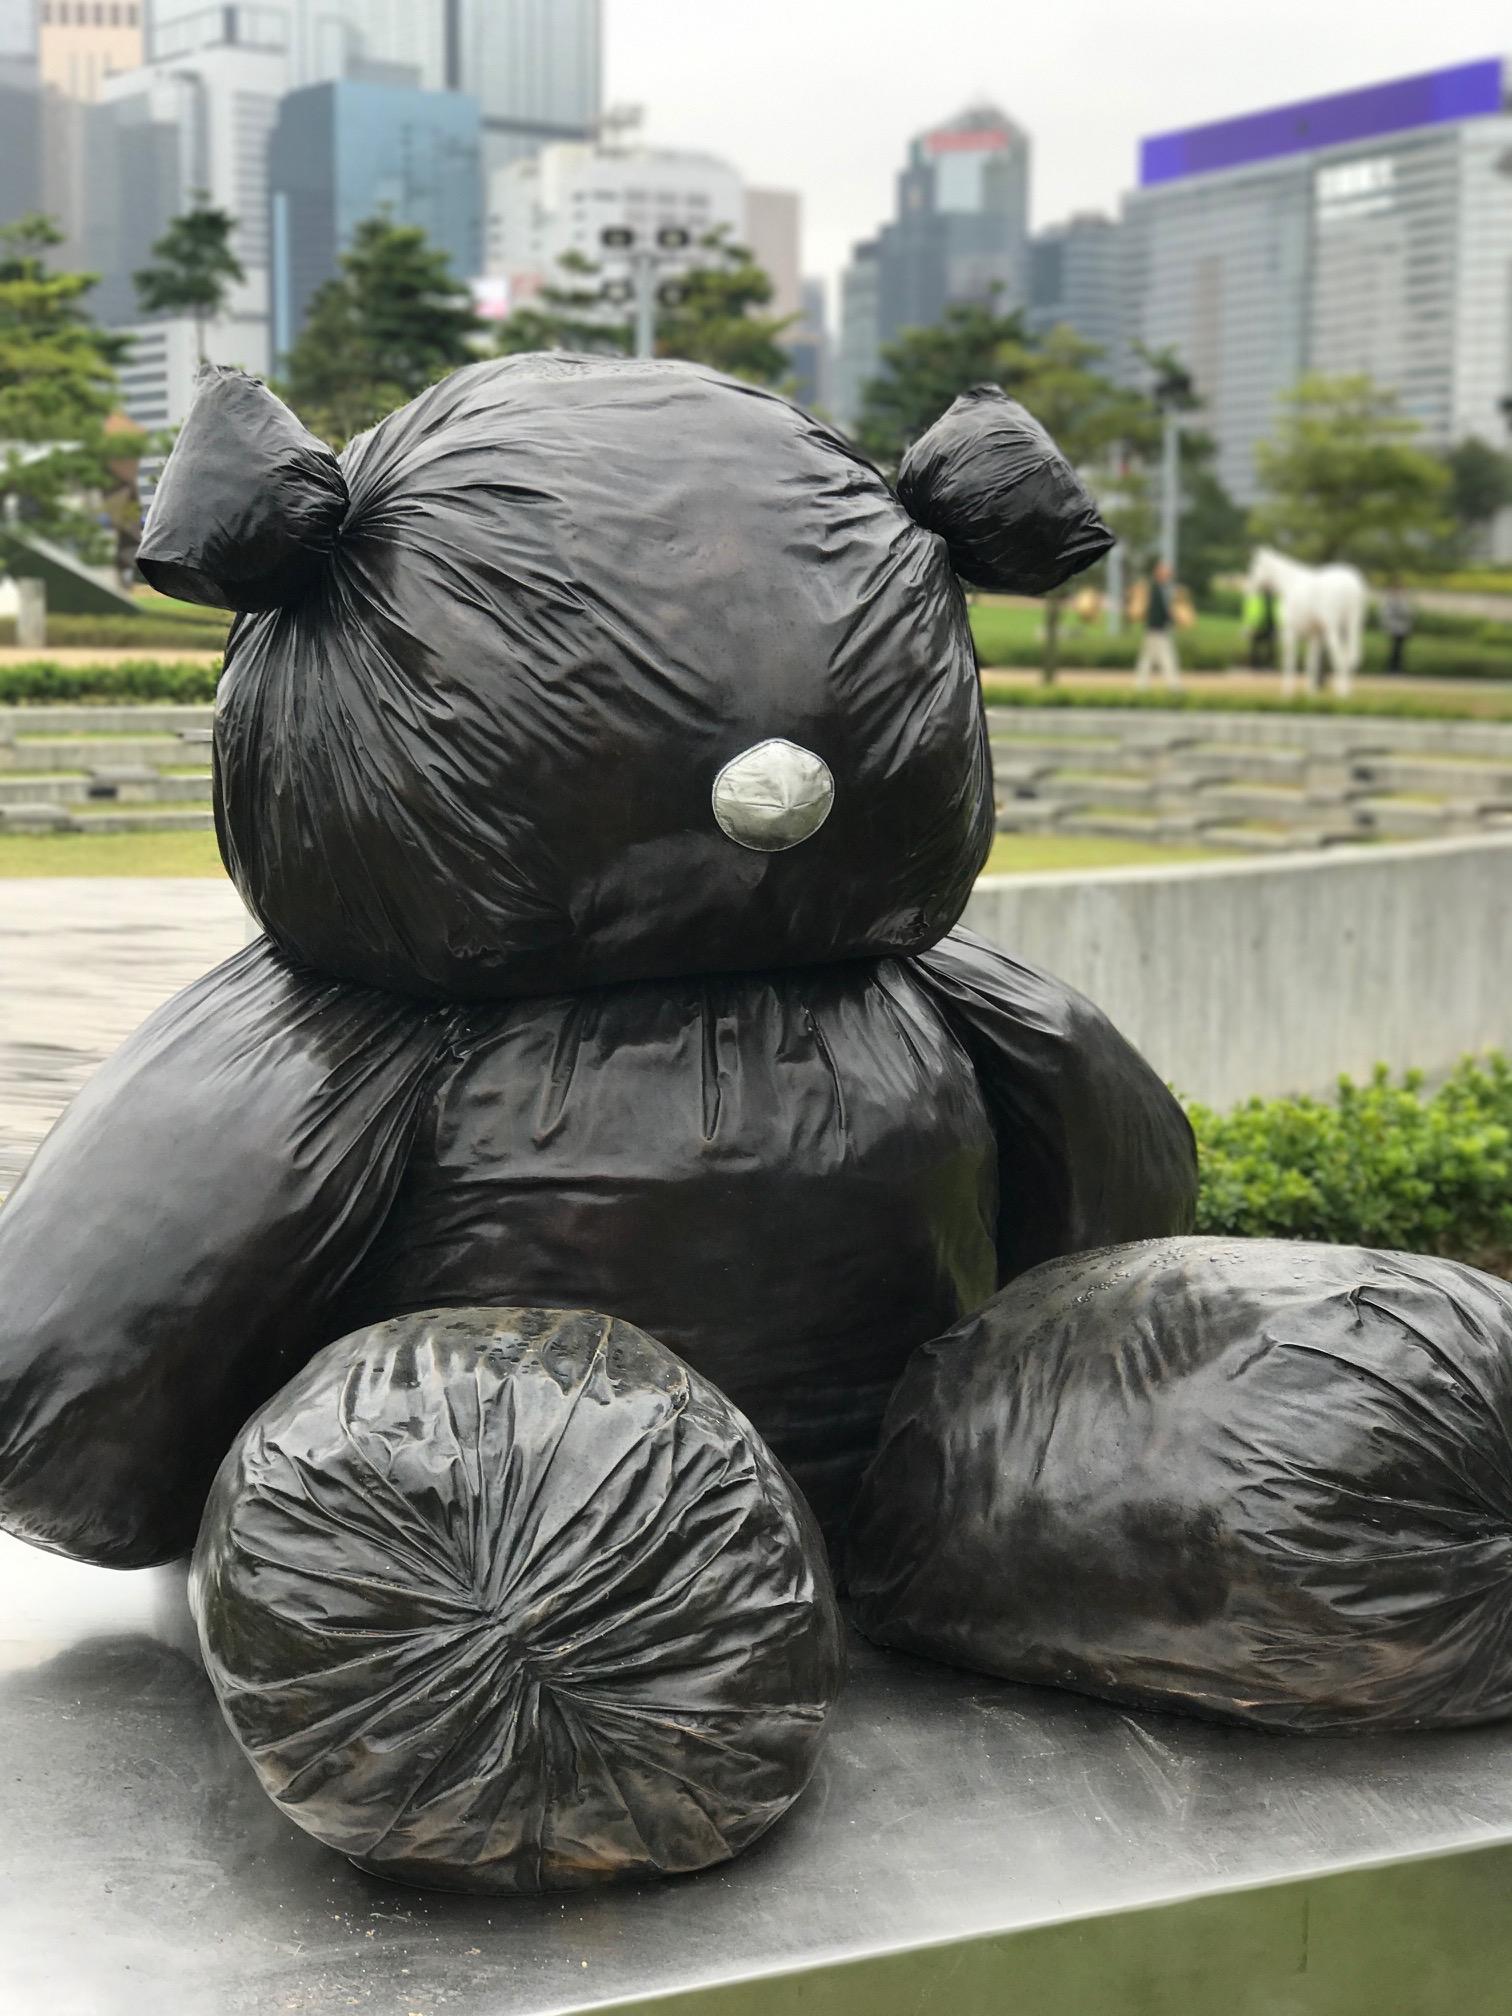 韓國藝術家金泓鍚作品《像熊一樣的形狀》,由銅製成